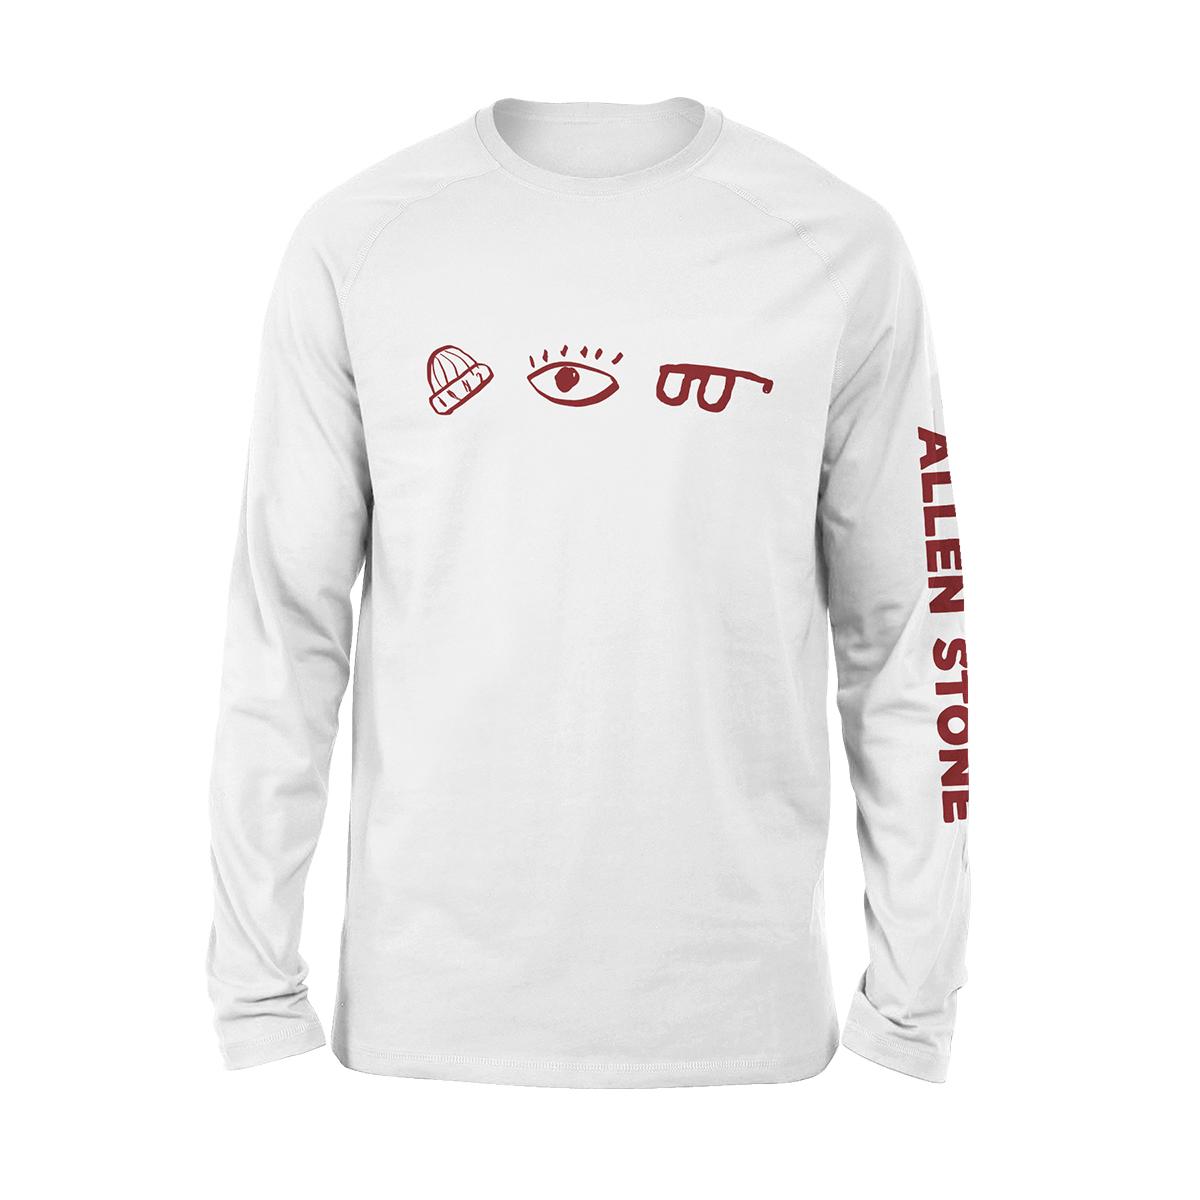 Allen Stone - Building Balance Long Sleeve T-shirt